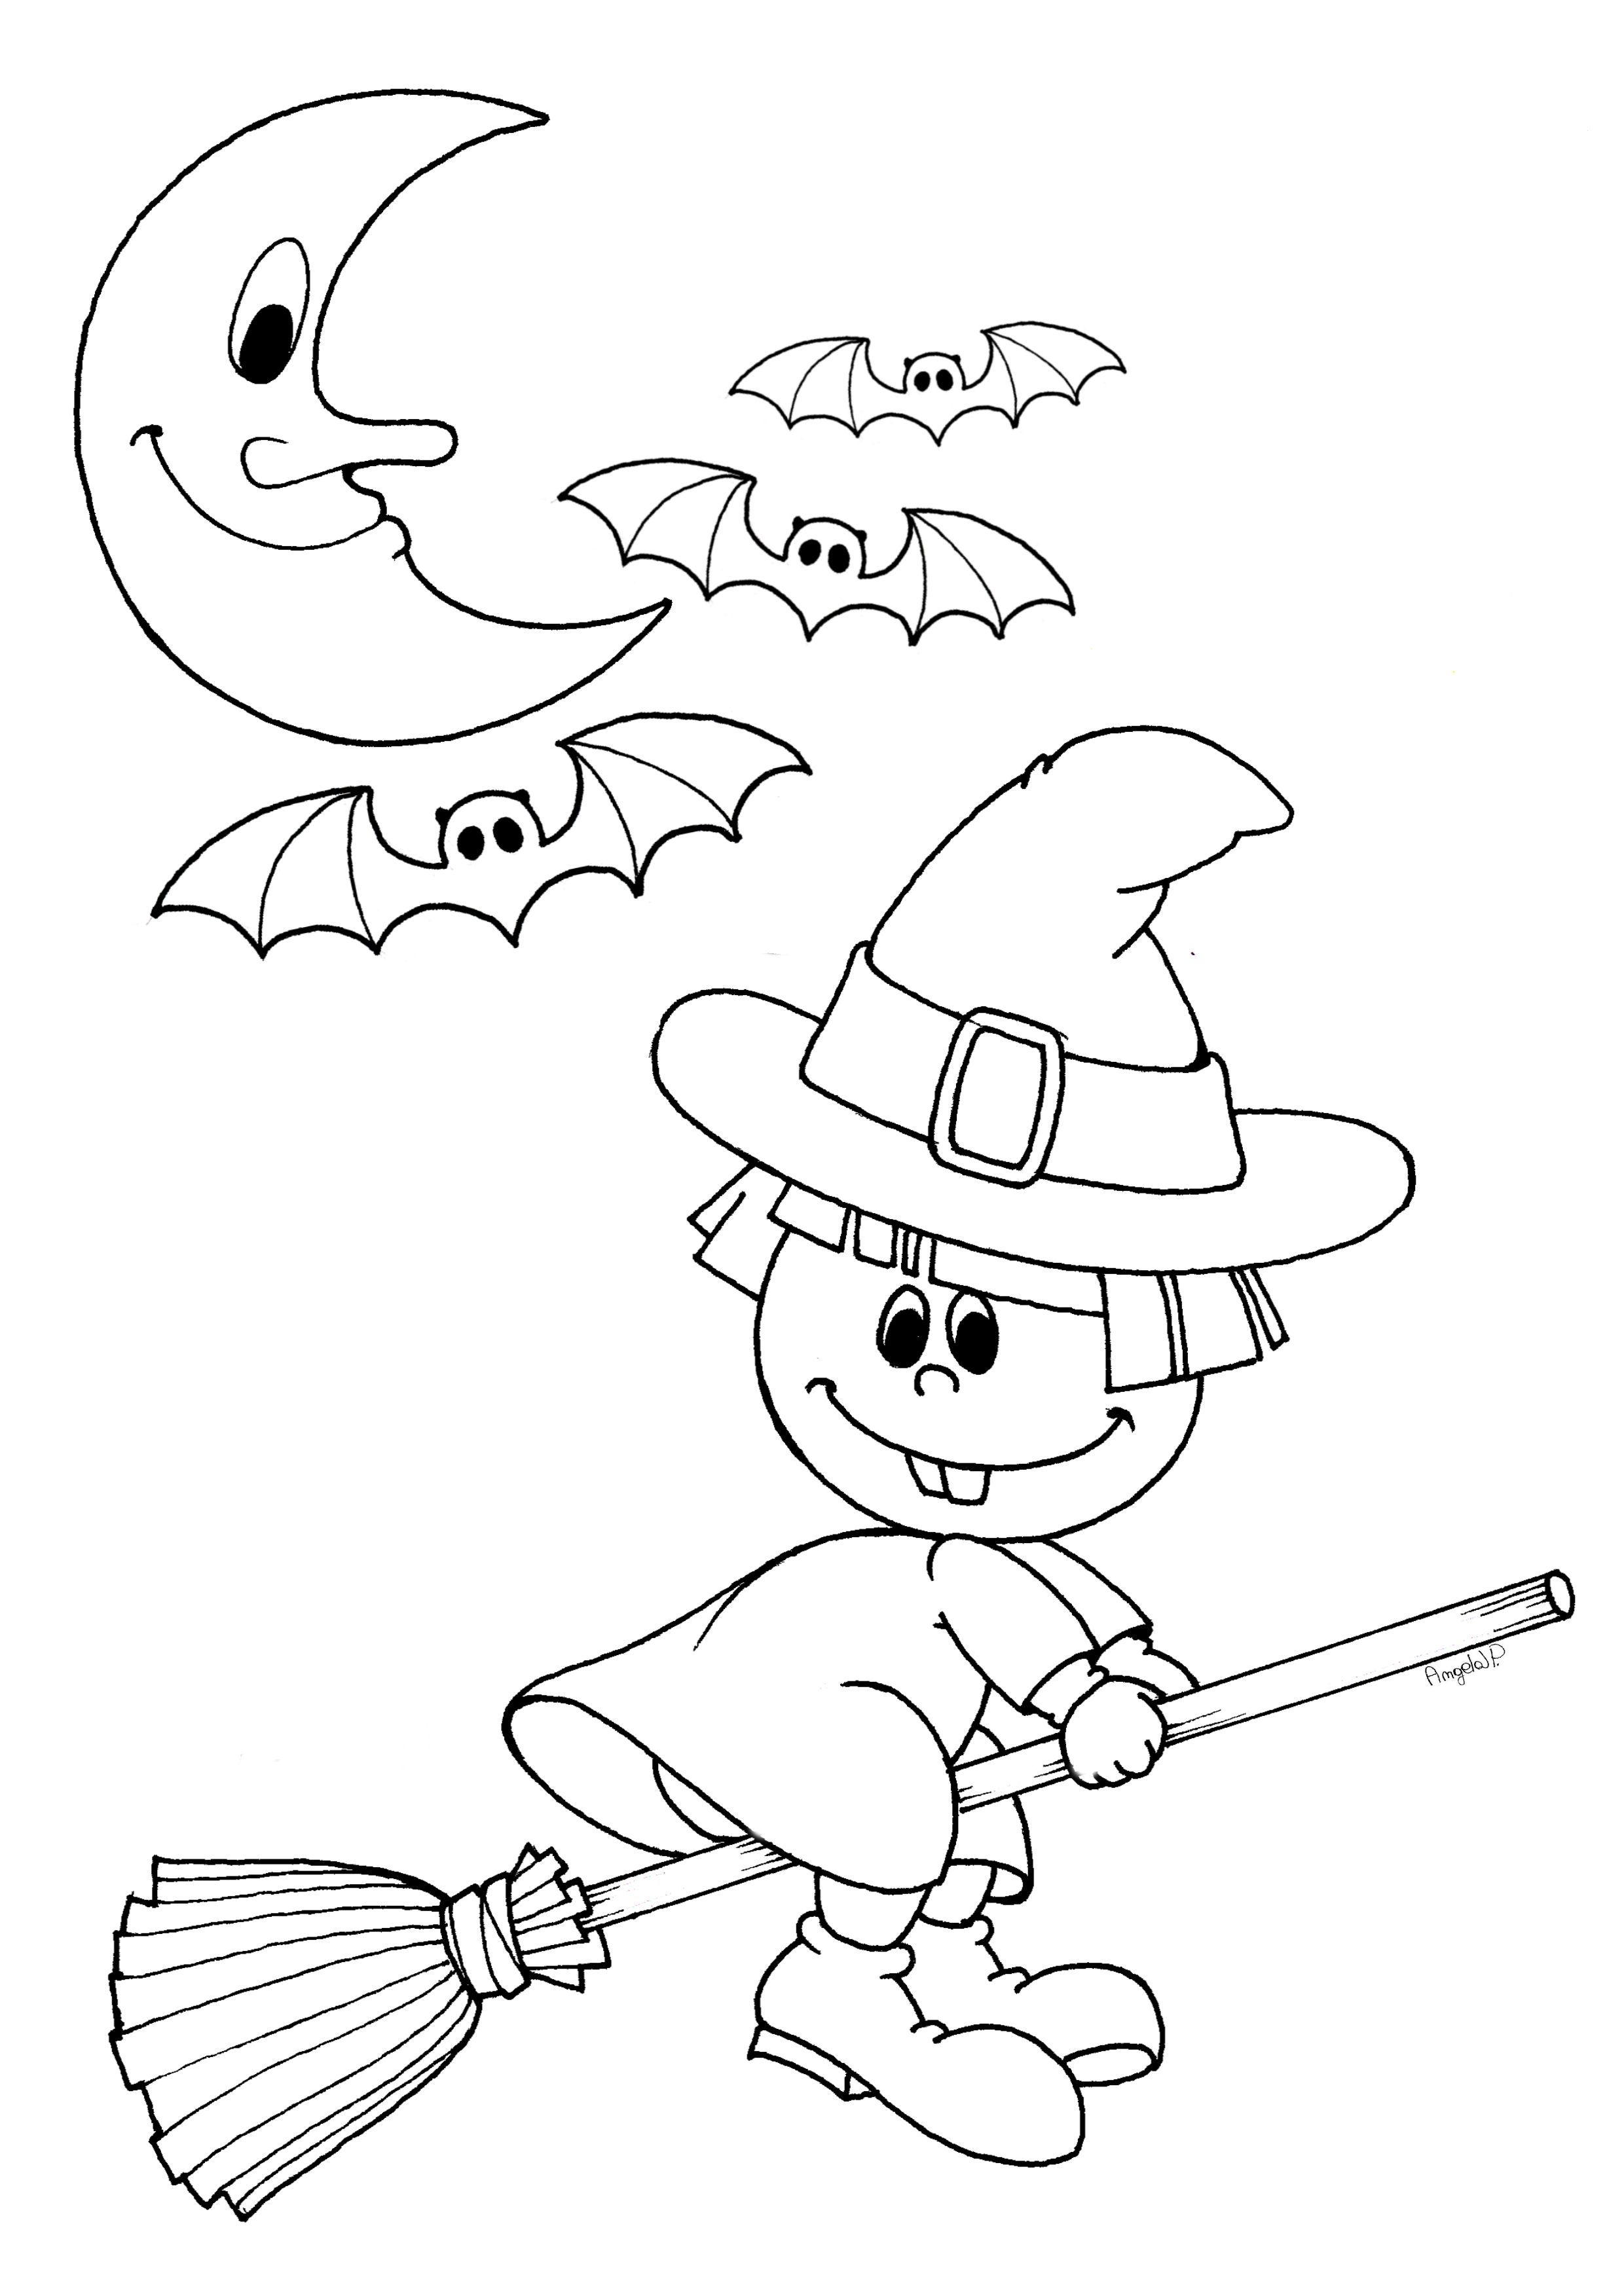 Halloween Disegni Per Bambini Da Stampare Gratis Nuova Disegni Di